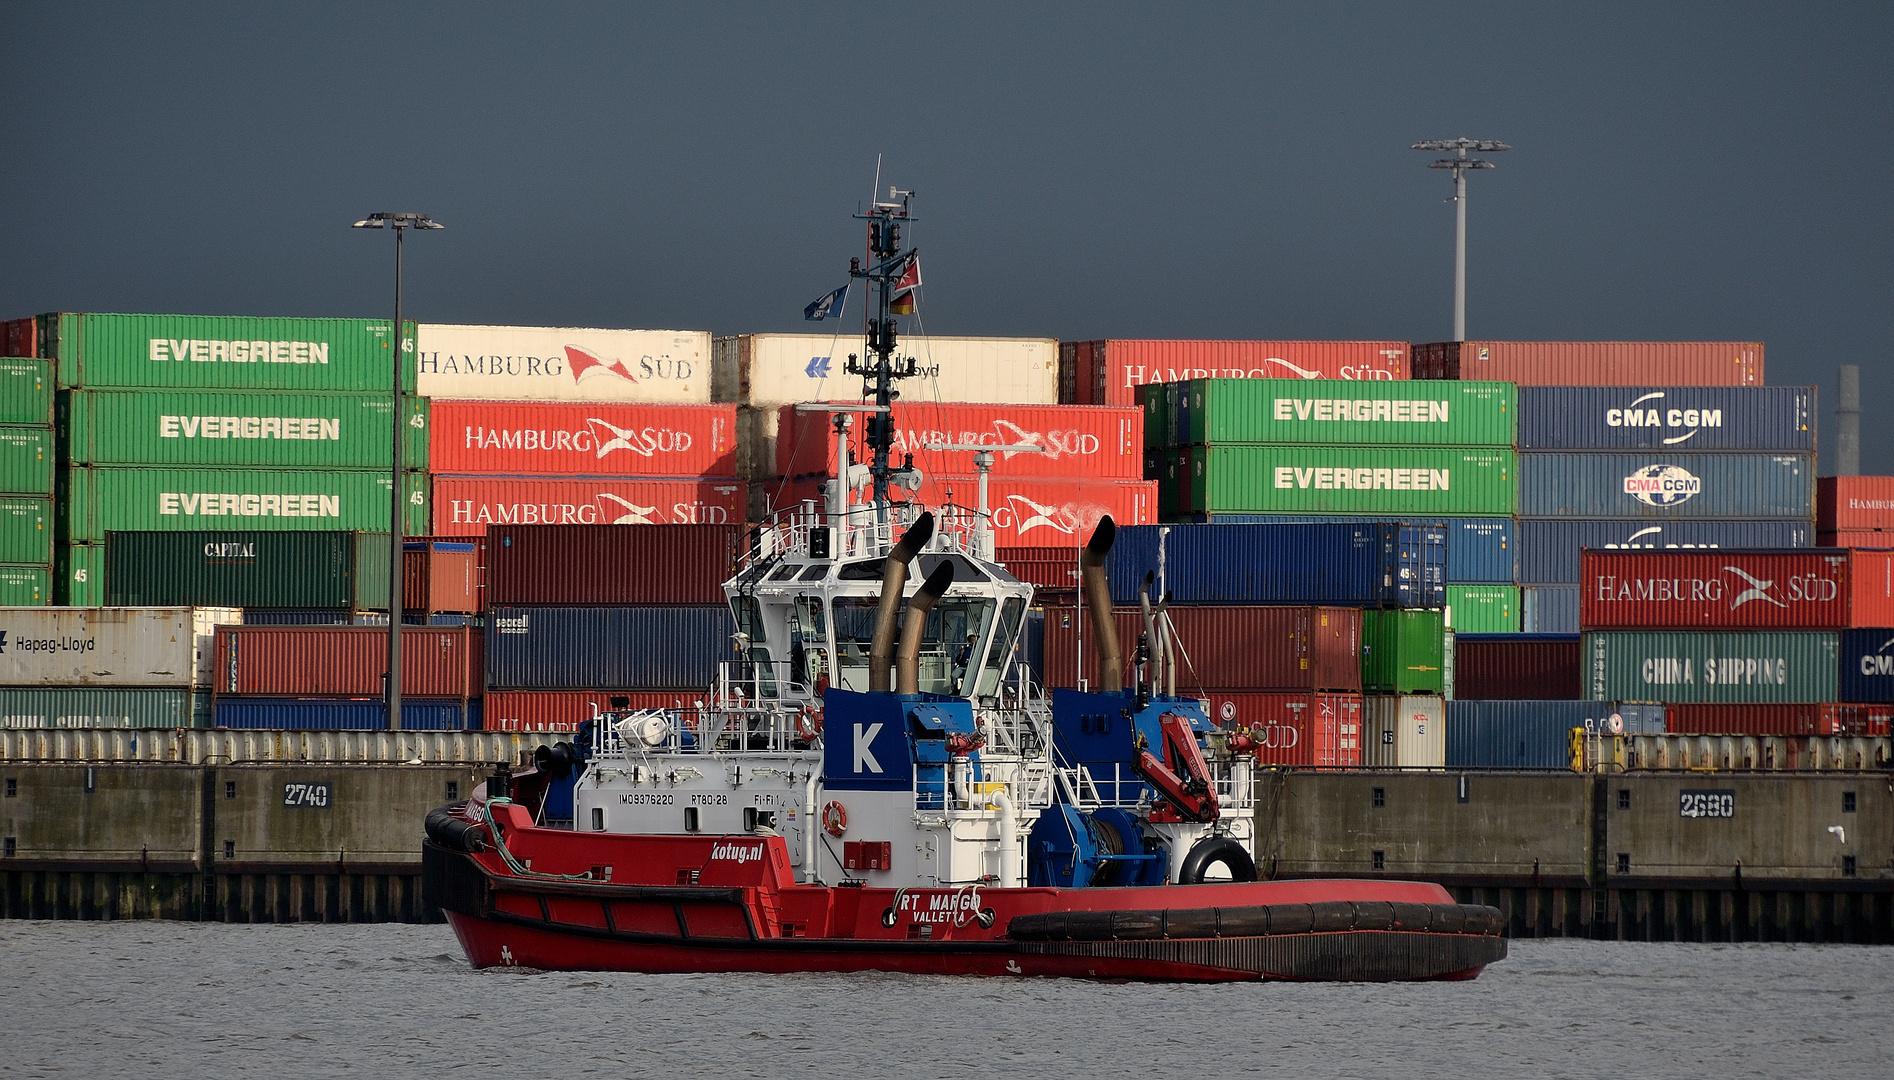 Der Hamburger Hafen hat viele Farben